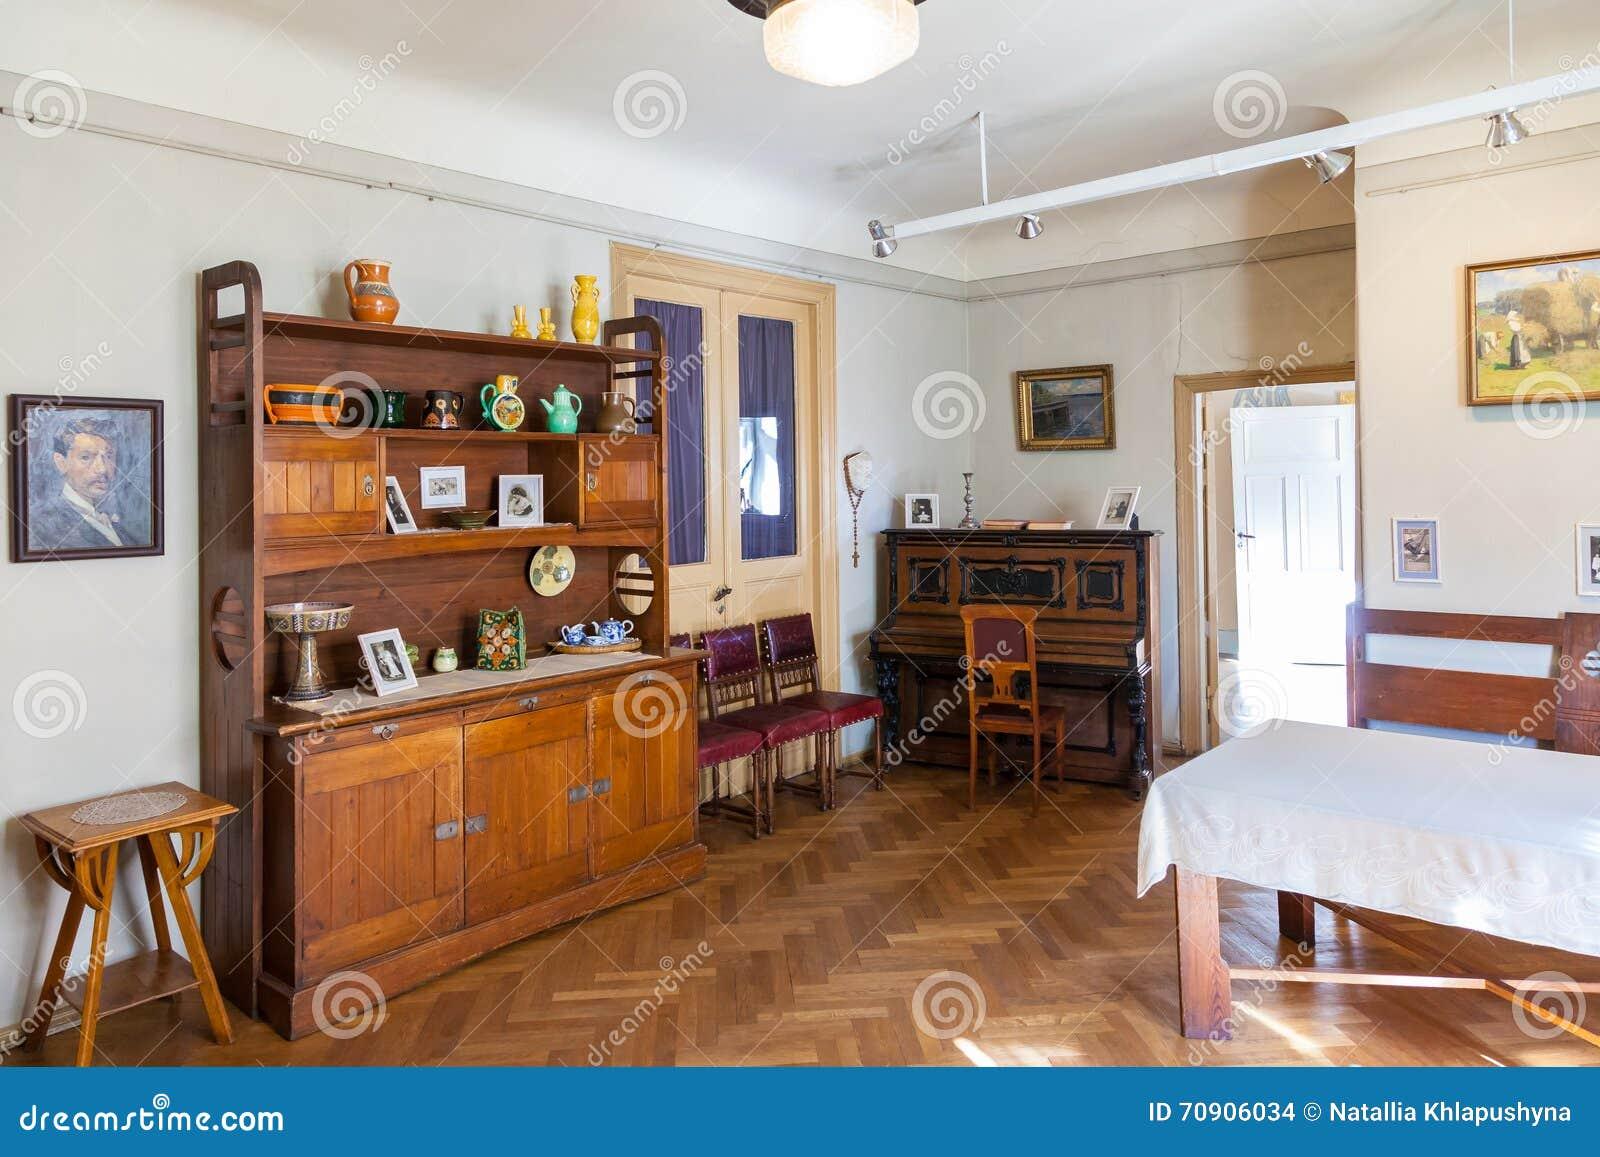 Woonkamer Met Kunst : Woonkamer in flat van letse kunstenaar janis rozentals riga